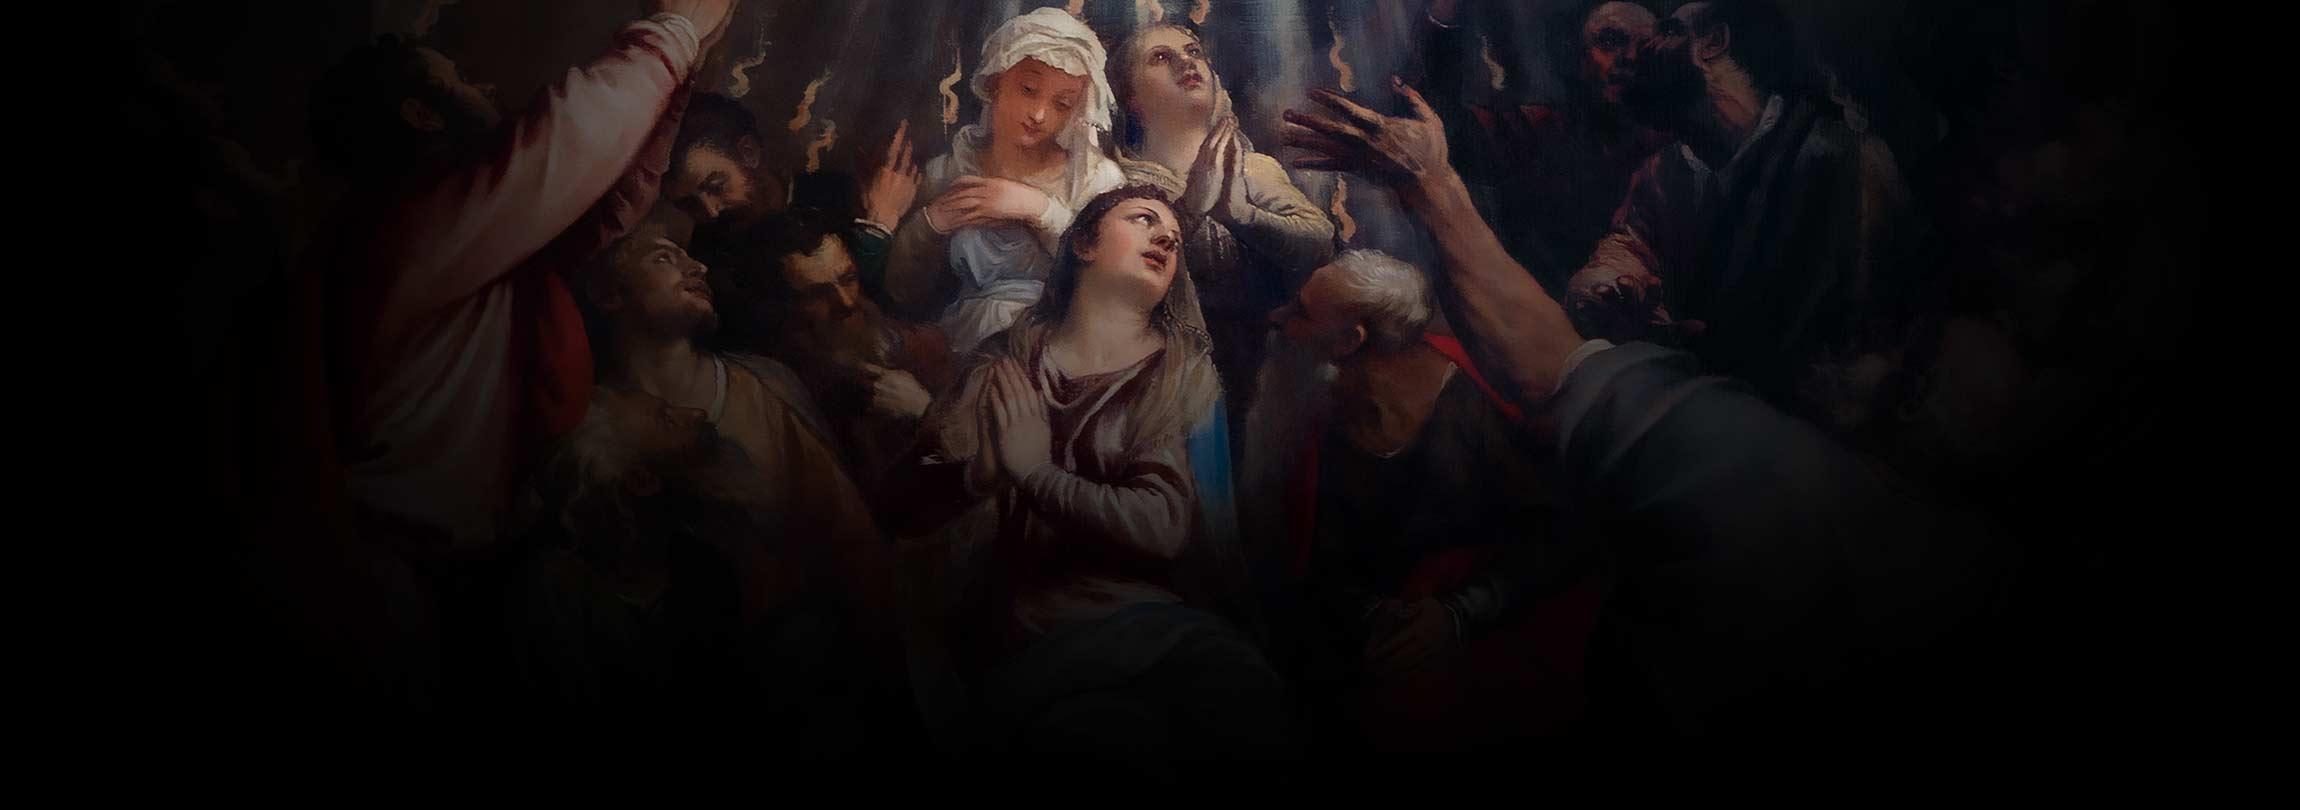 Depois de Pentecostes, os Apóstolos ficaram assim...